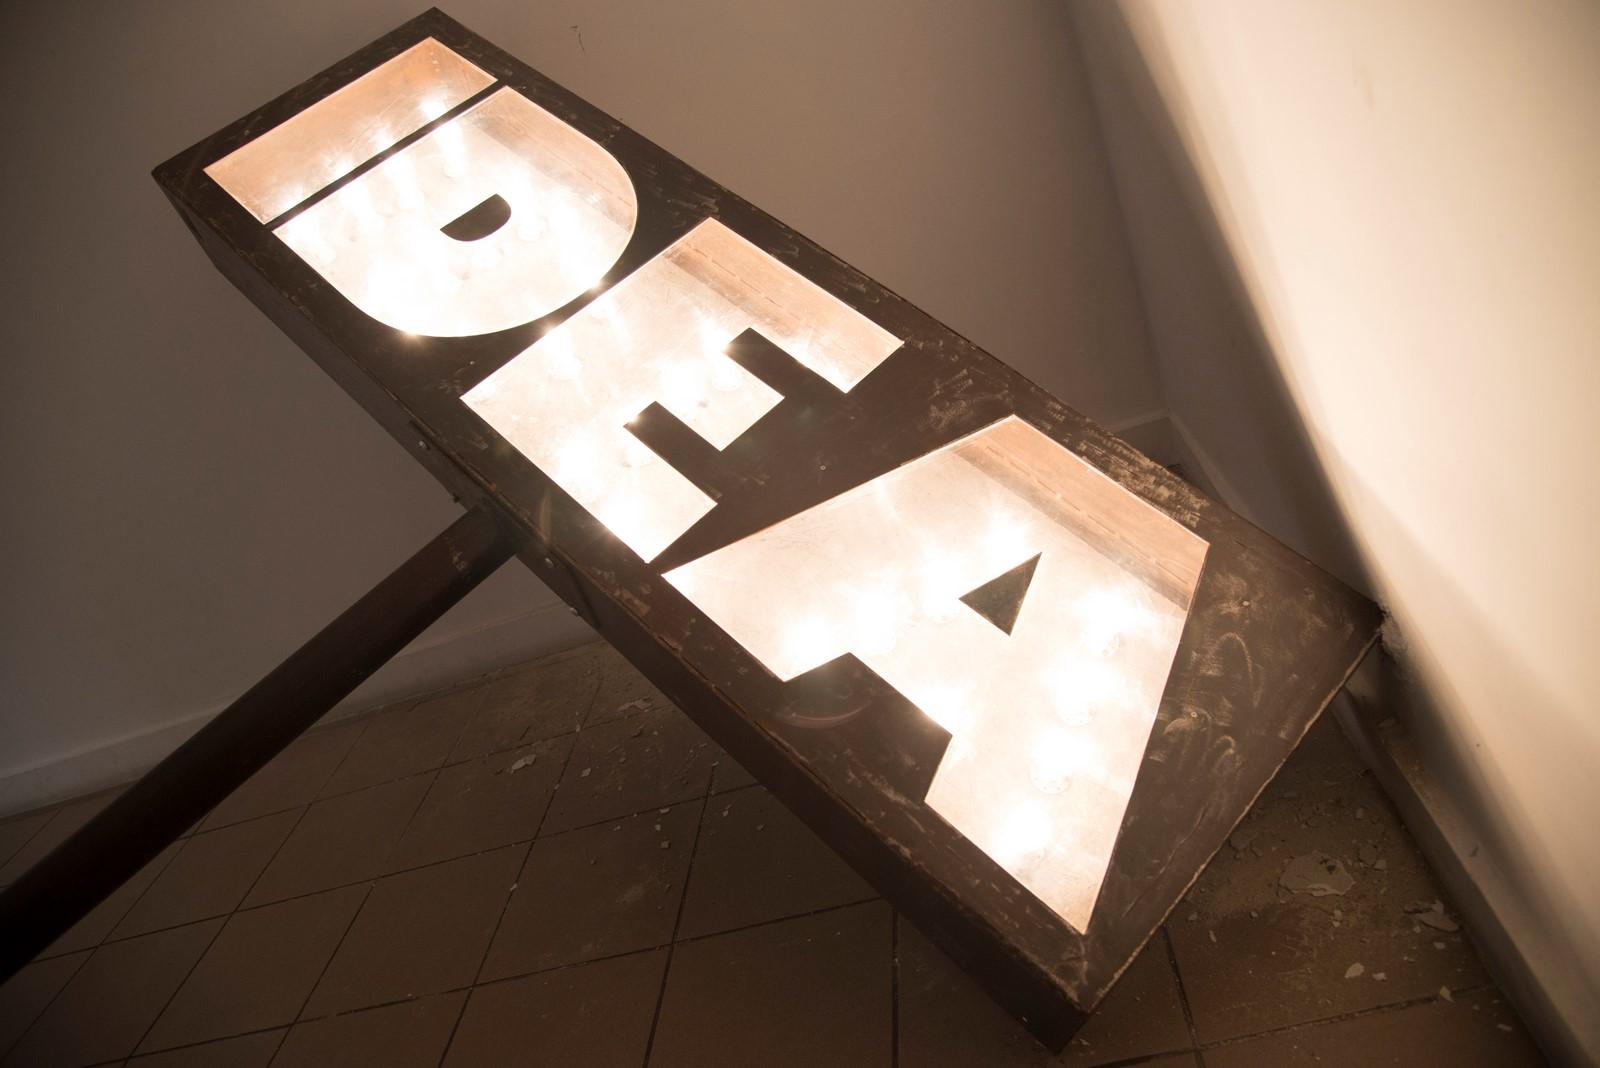 Grzegorz Klaman, Idea, 2010